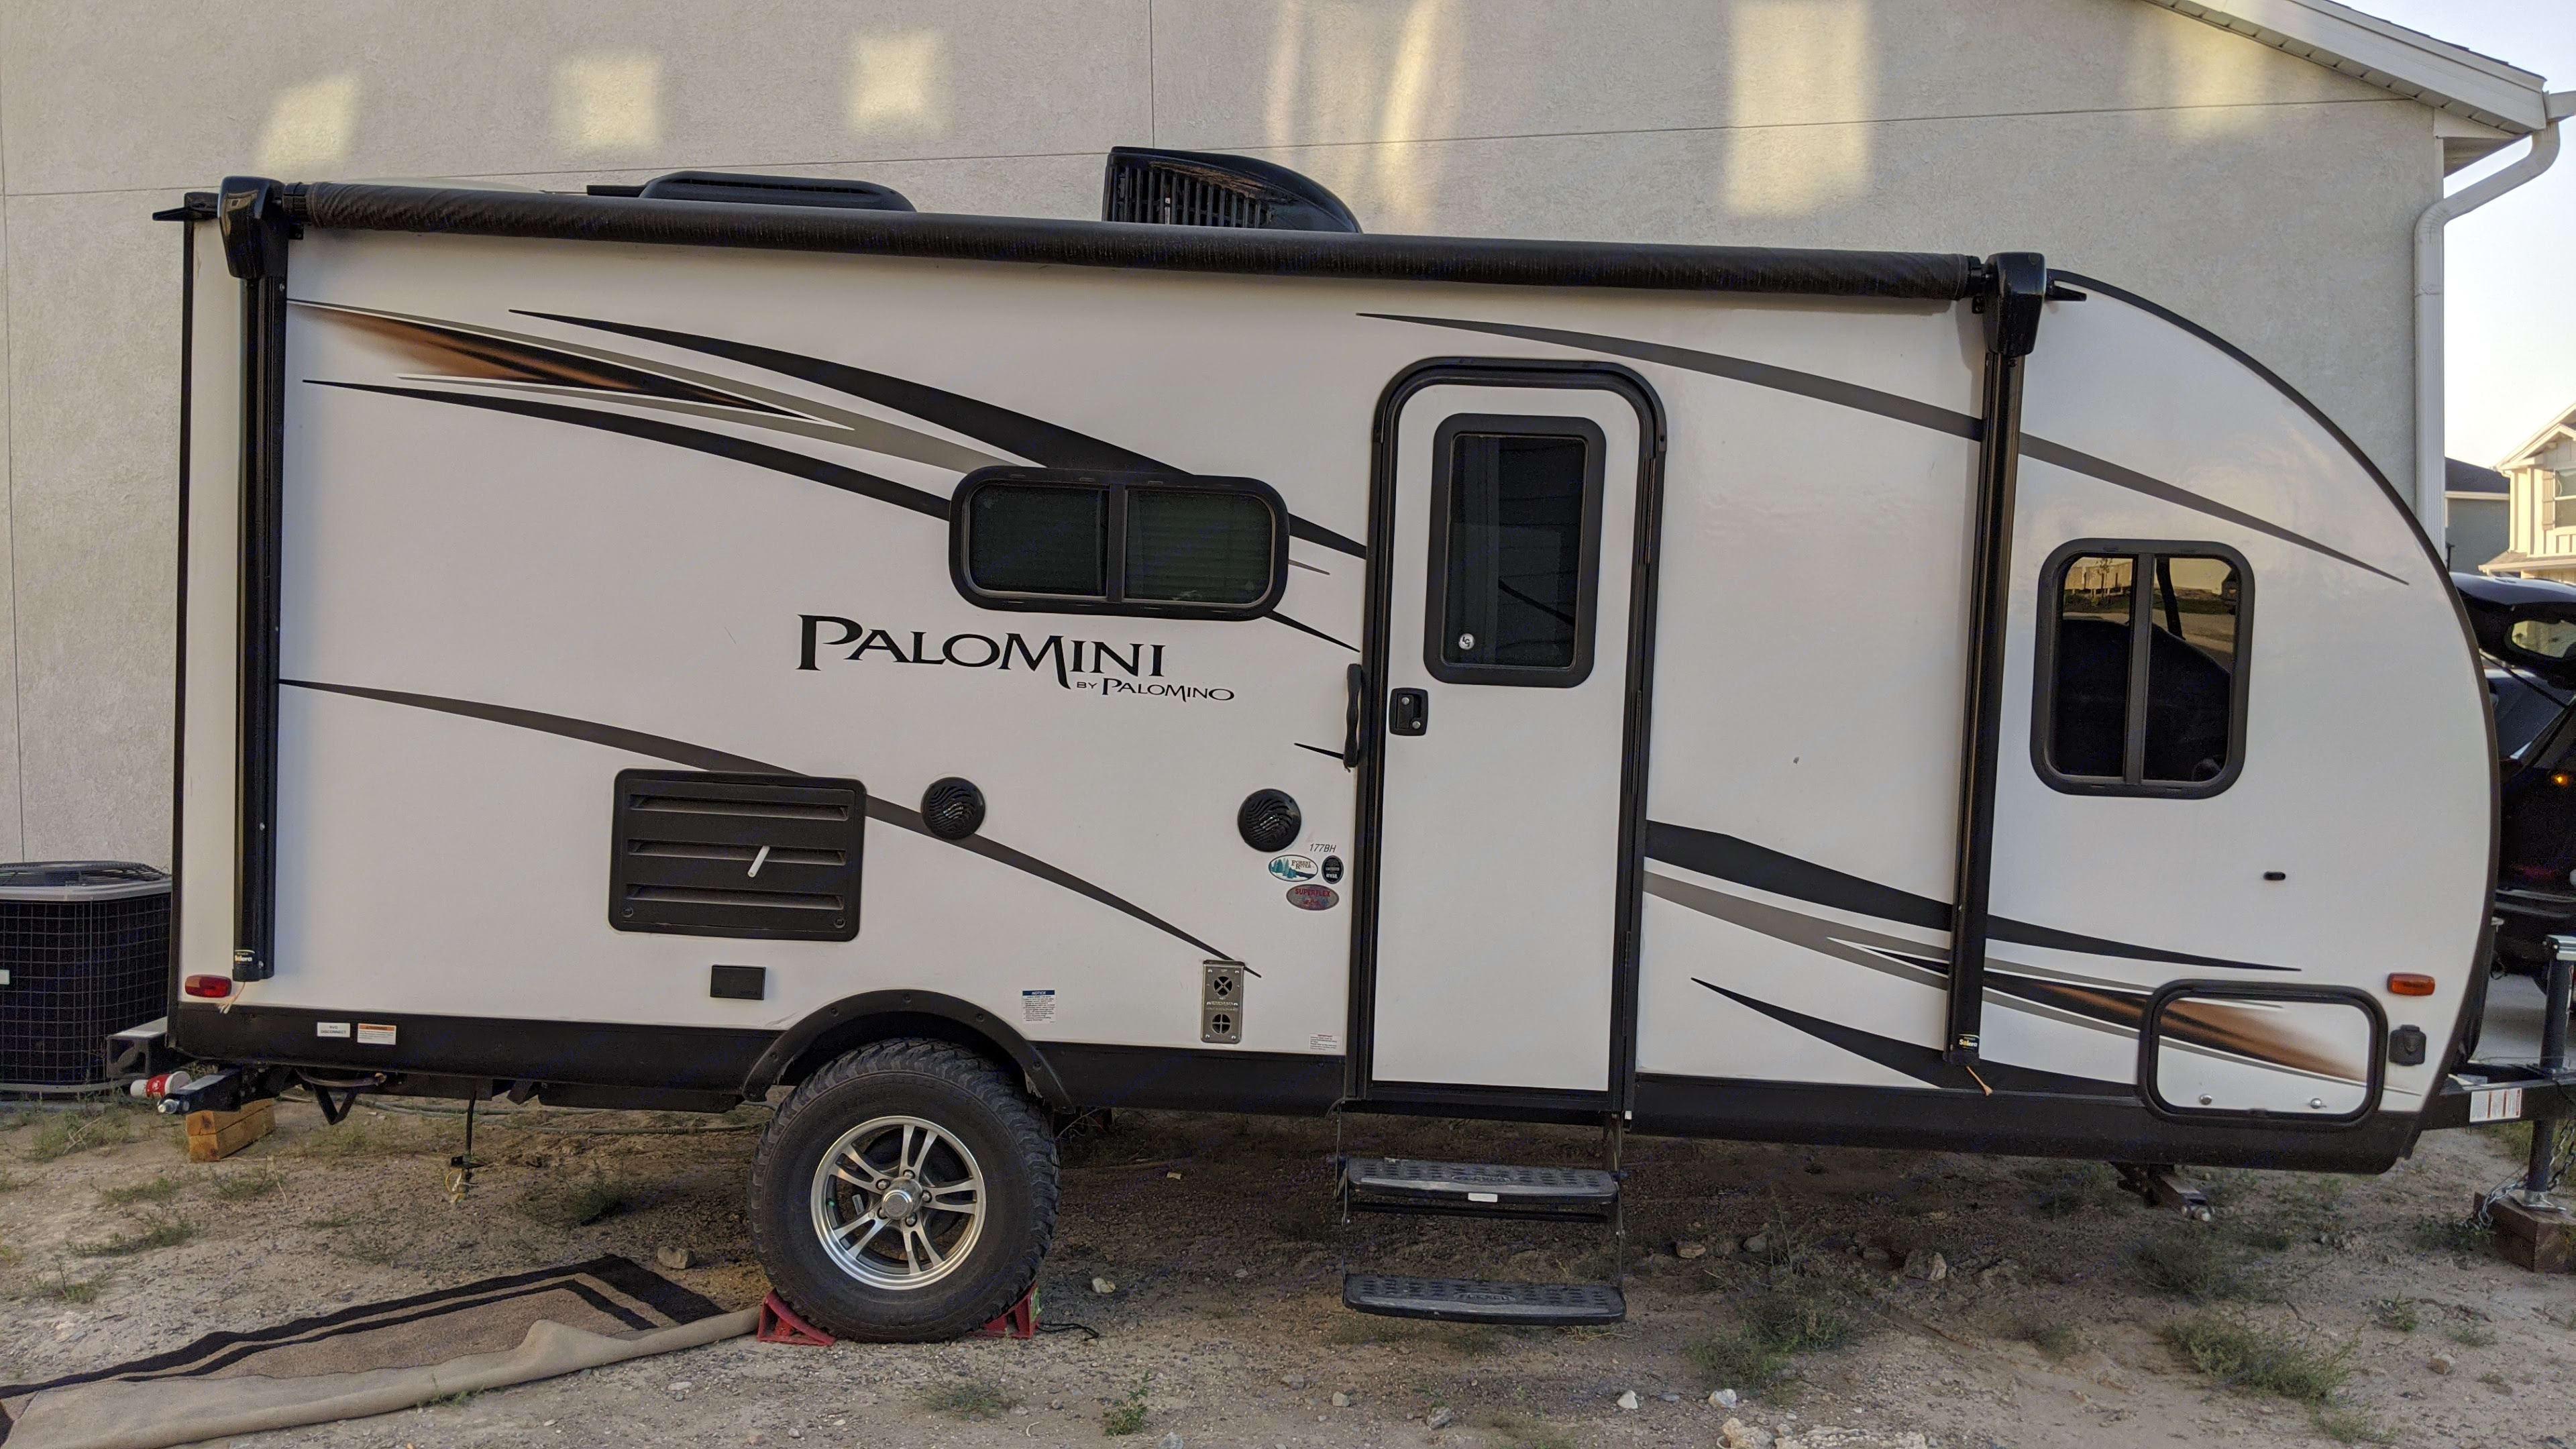 Palomino Palomini 2018